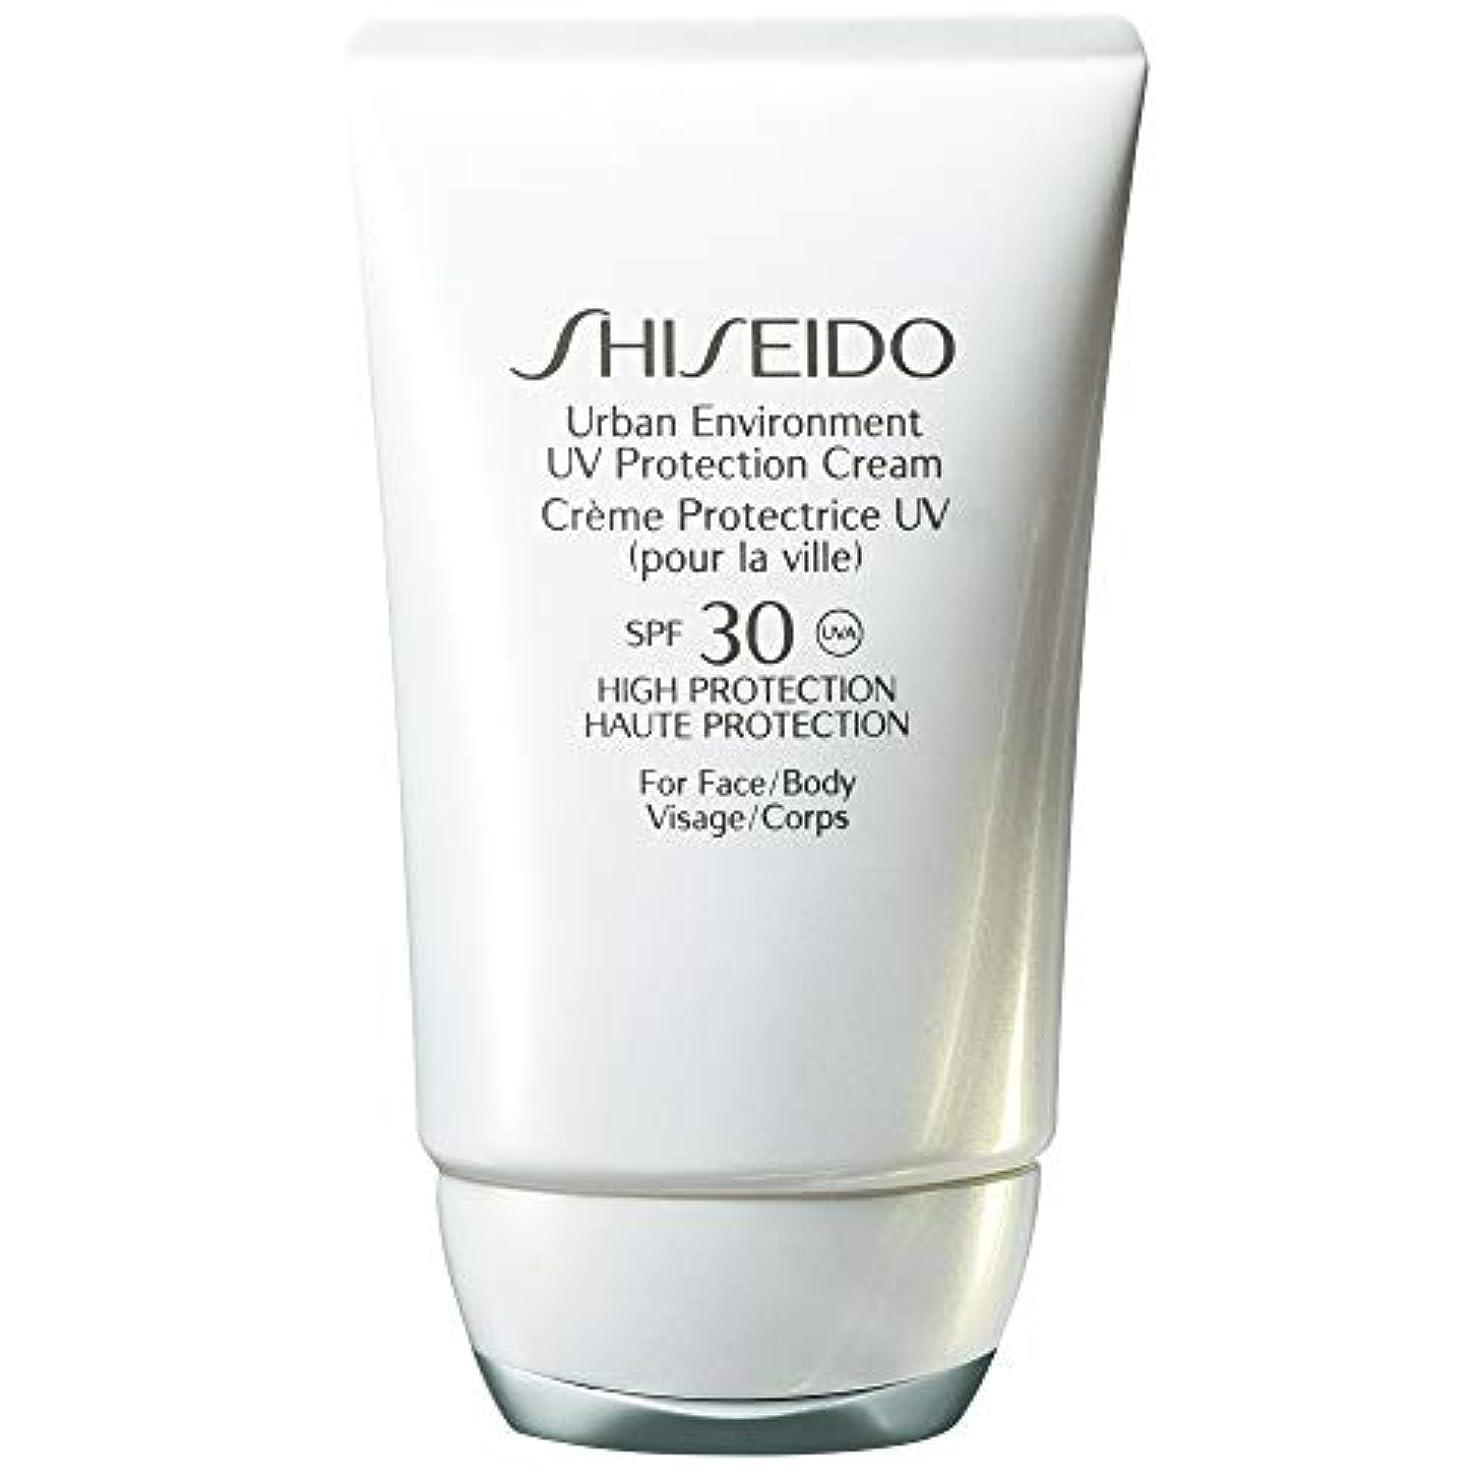 権限今日女優[Shiseido] 資生堂都市環境UvプロテクションクリームSpf 30 50ミリリットル - Shiseido Urban Environment Uv Protection Cream Spf 30 50ml [並行輸入品]